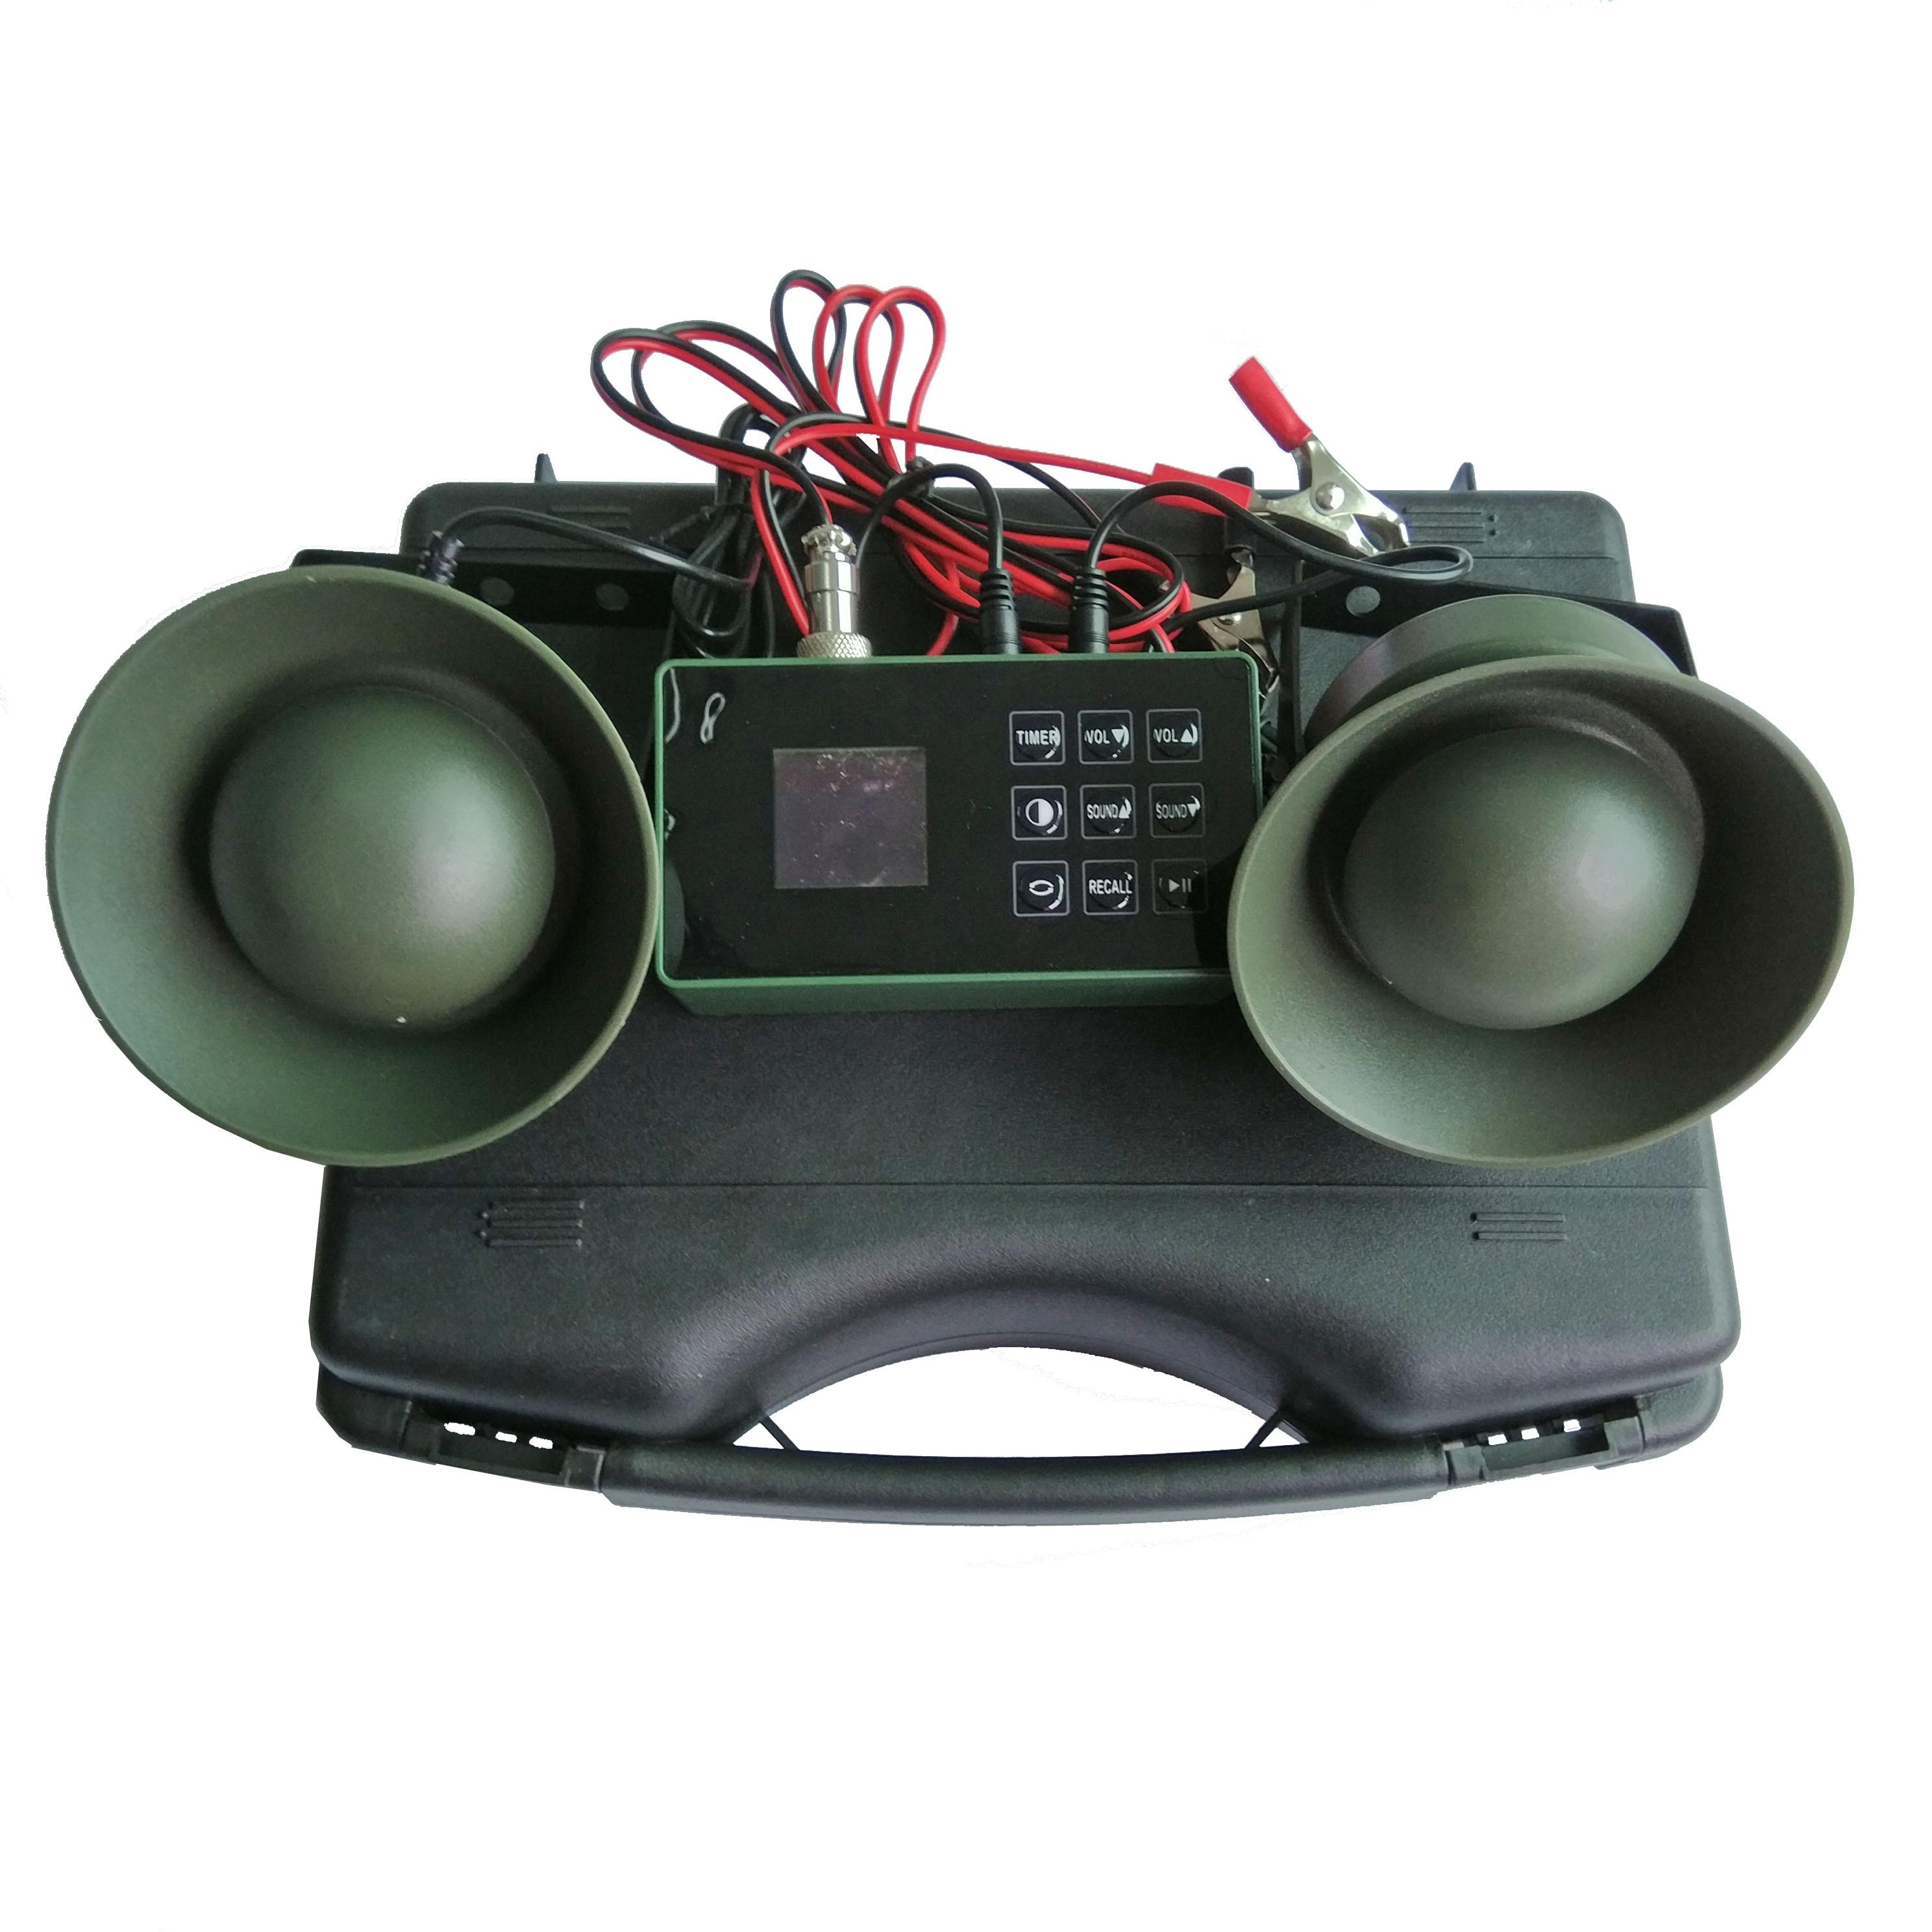 PDDHKK водонепроницаемый 182 звуков с охотничьим Mp3 Птица звонящий из двери электрический Охотничий Манок 35 Вт/50 Вт 2 таймера играющий громкогов